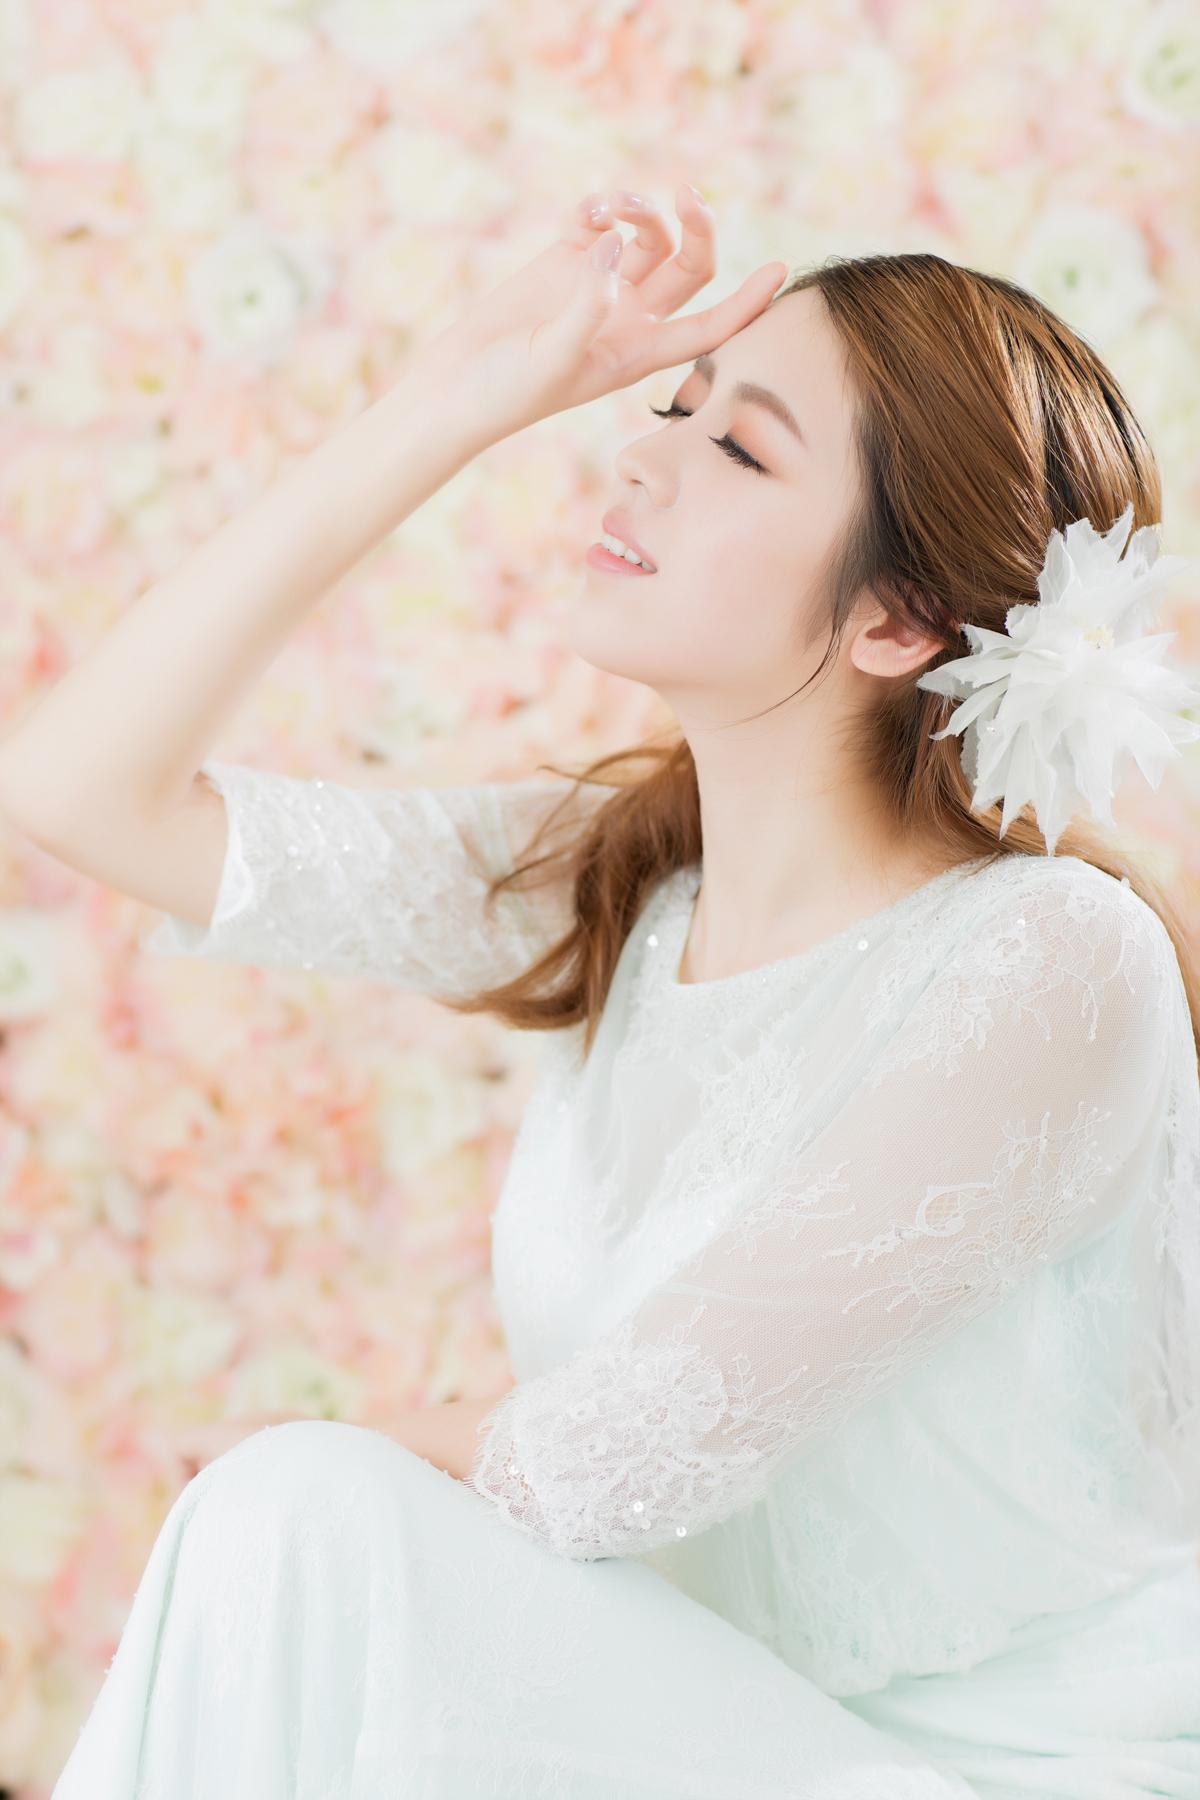 Annie_精選019-1s